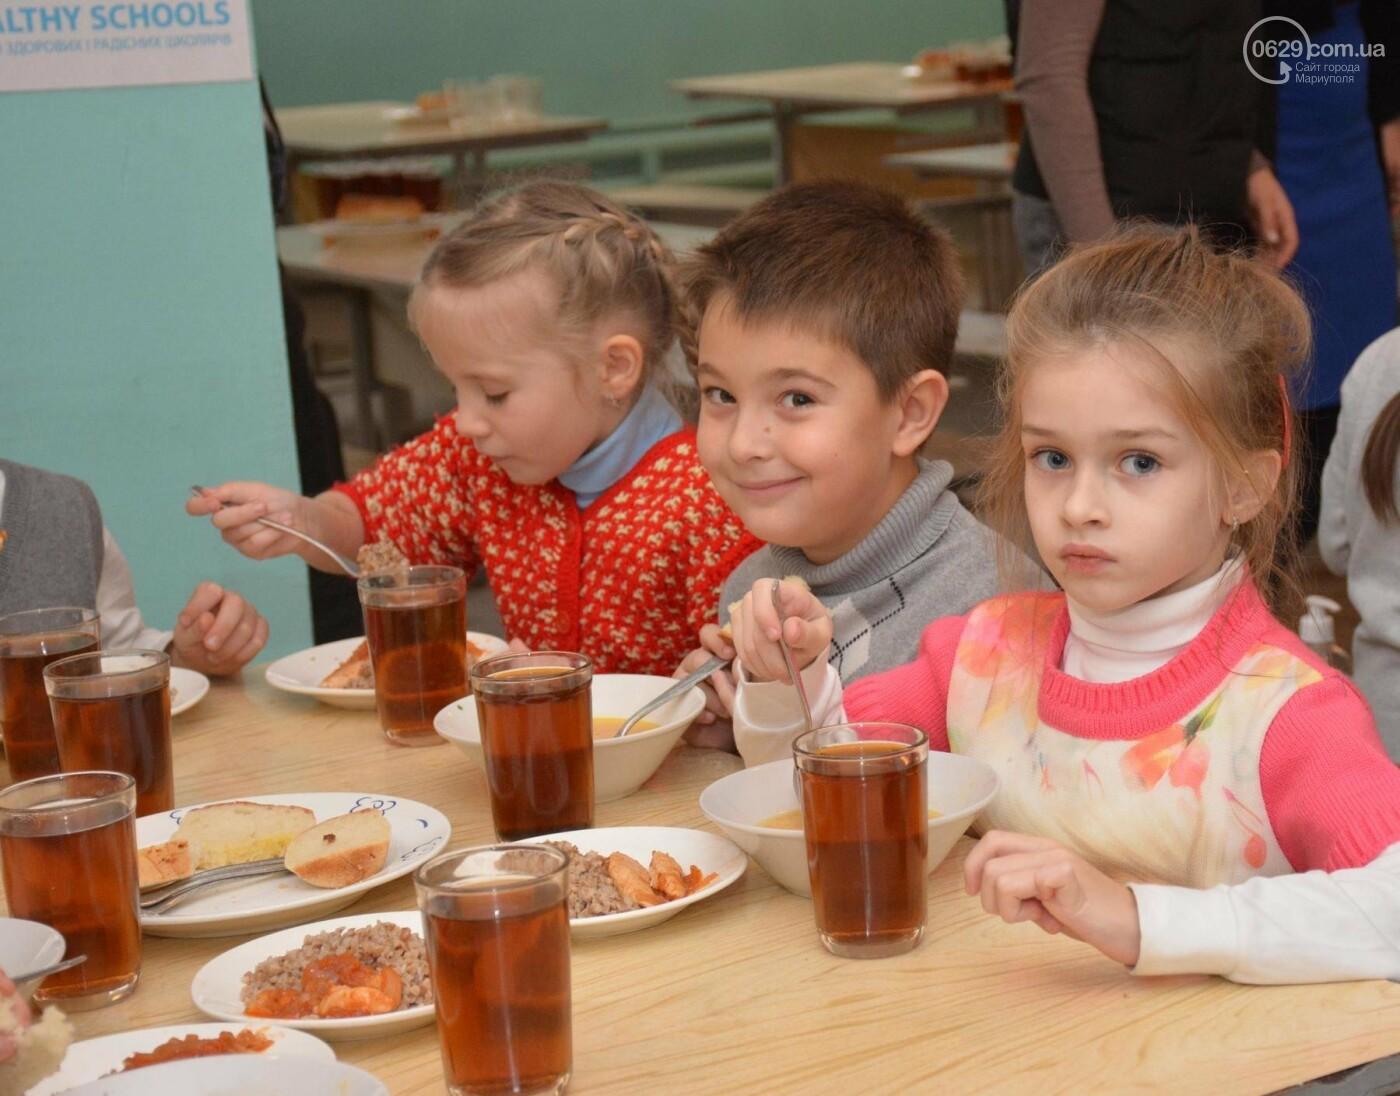 Больше молочных и мясных блюд, свежих овощей и фруктов: в ОШ № 15 представили обновленное меню для школьников., фото-3